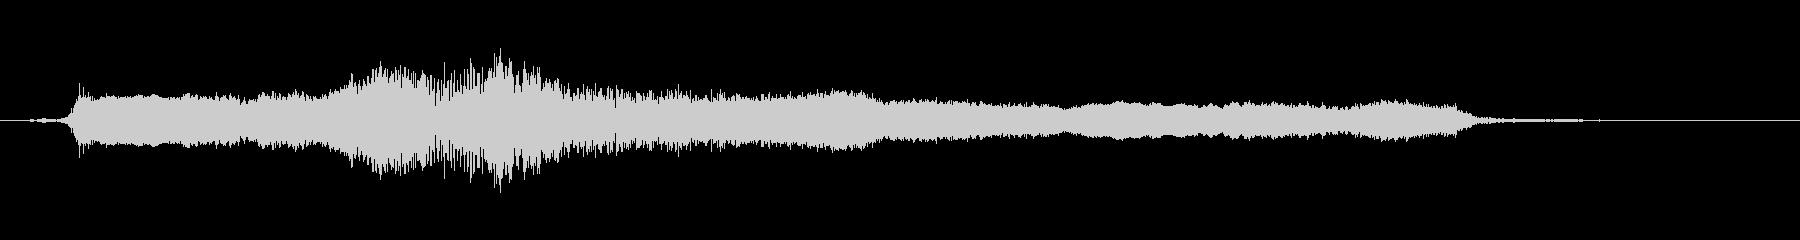 エレキギター、アームのダウンアップの未再生の波形